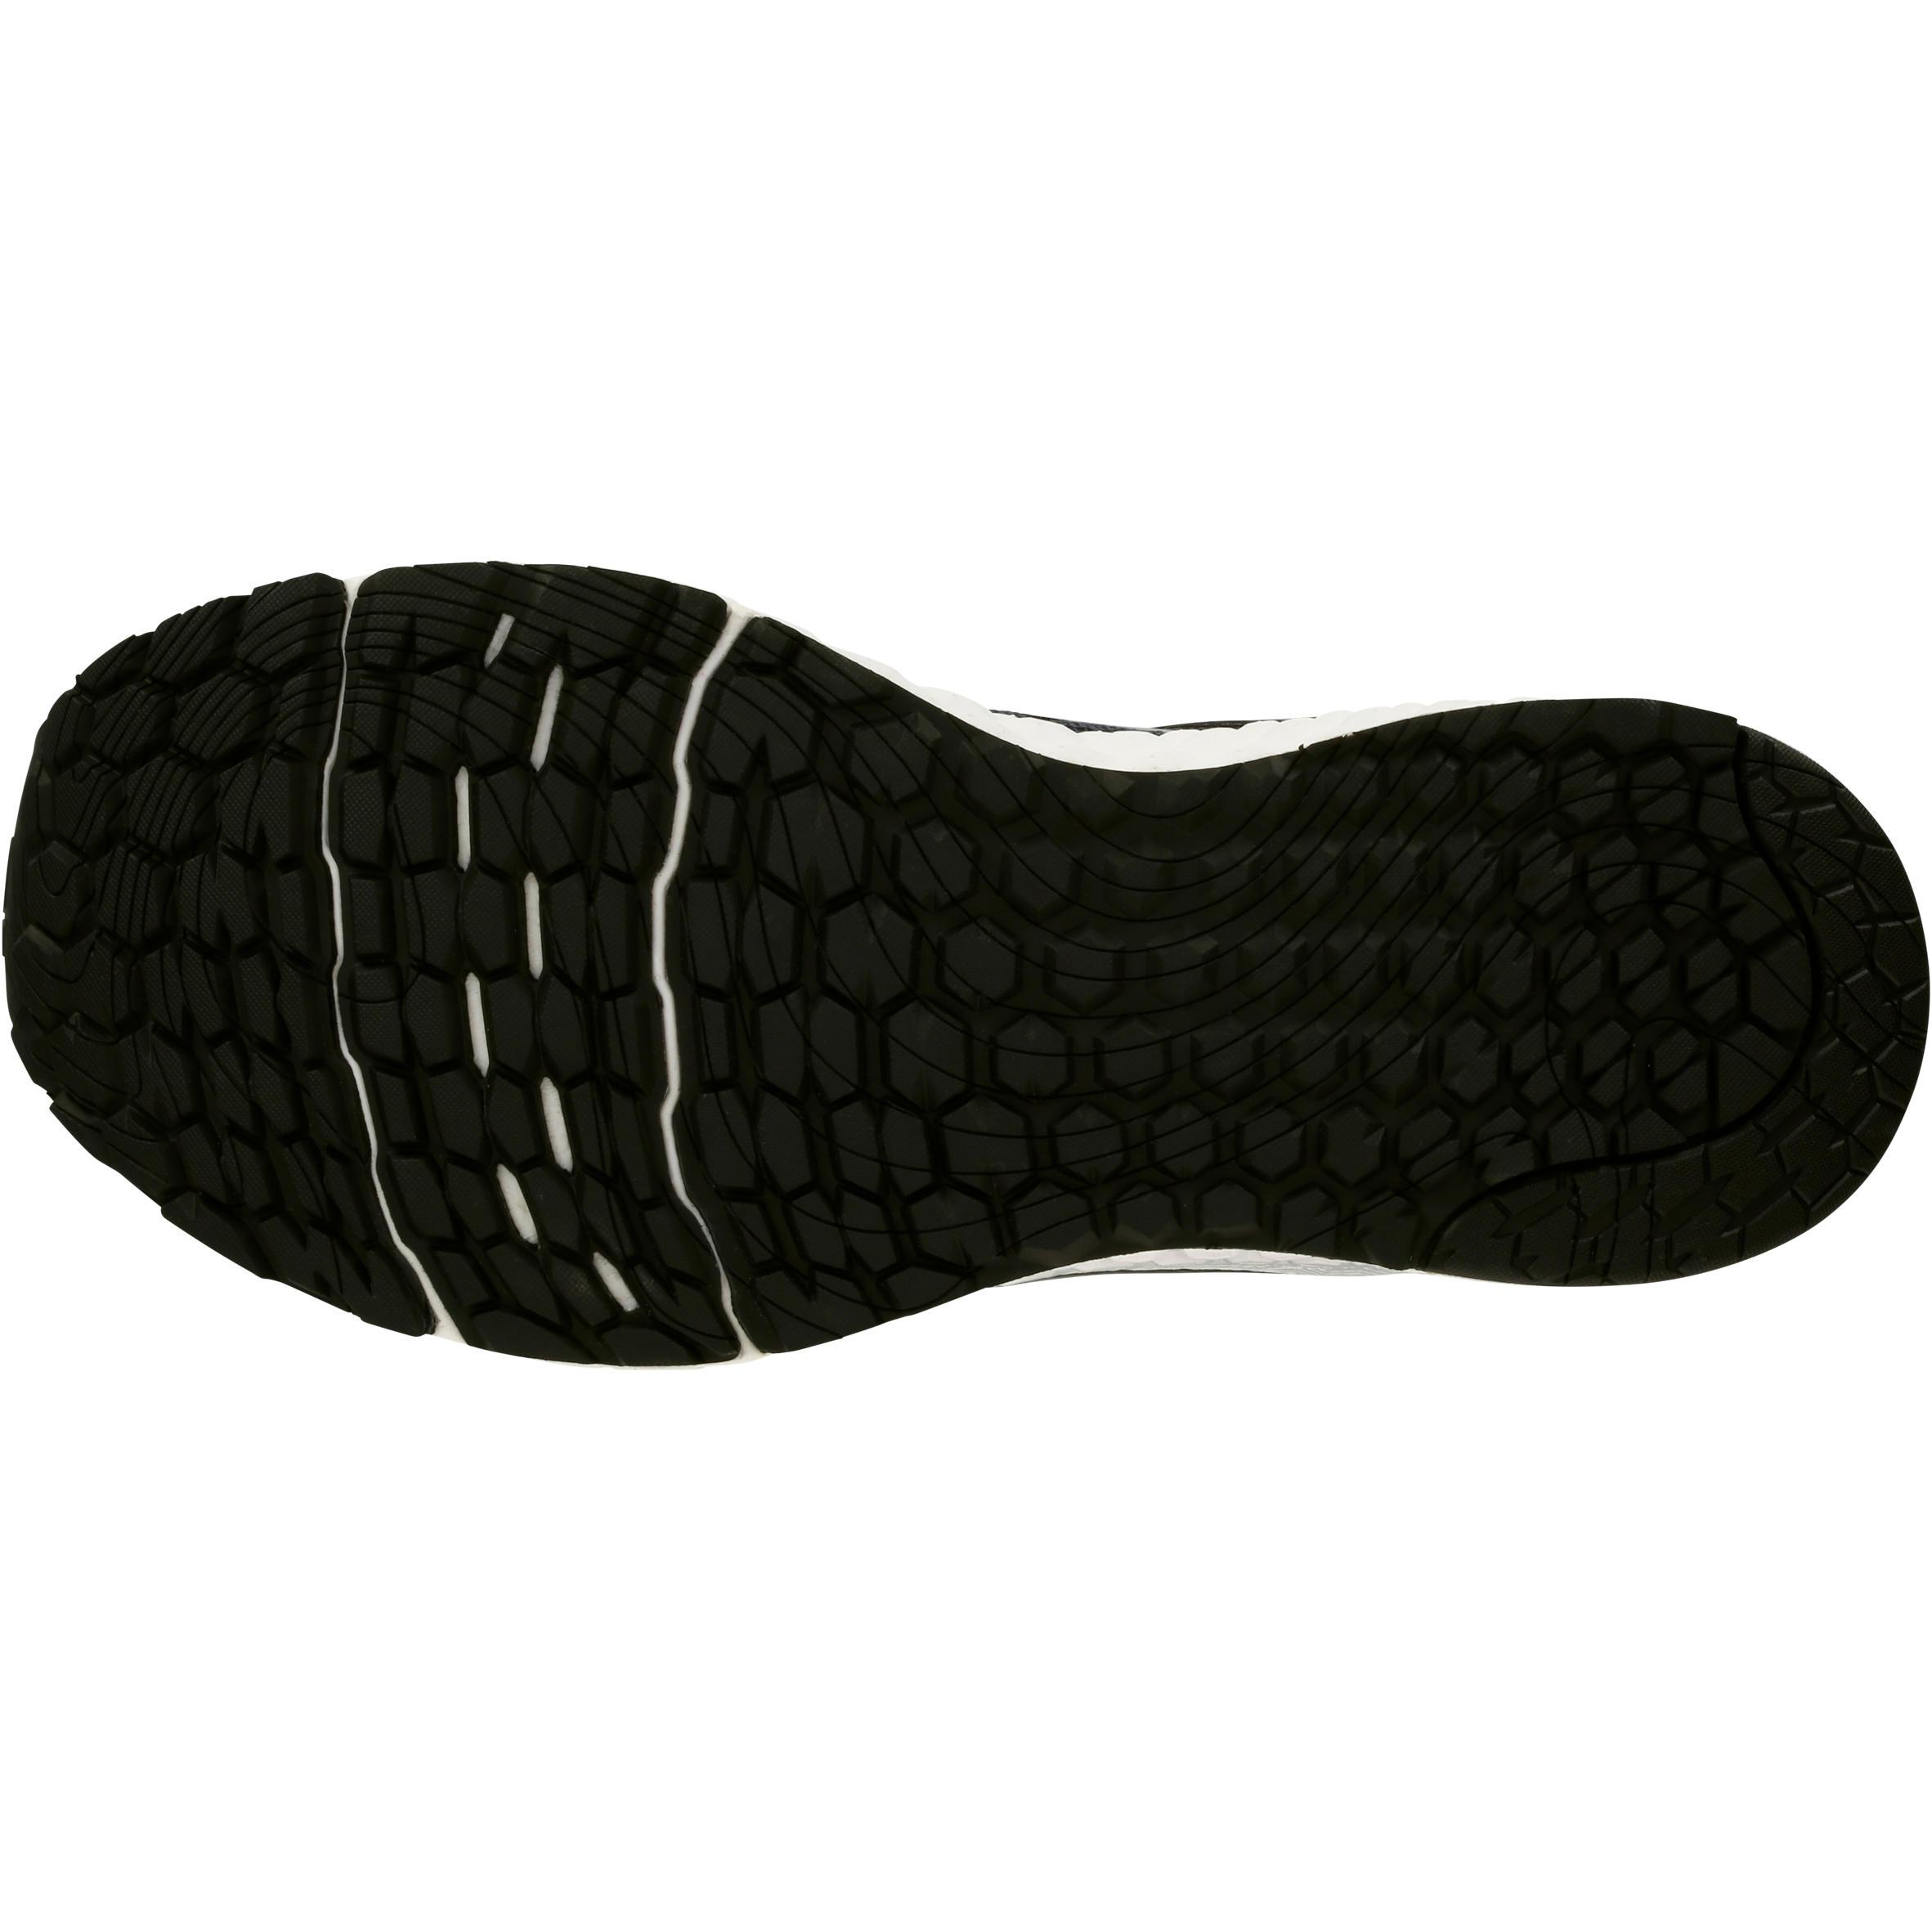 New Homme V7 Running 1080 Balance Noir Chaussures nPkO0w